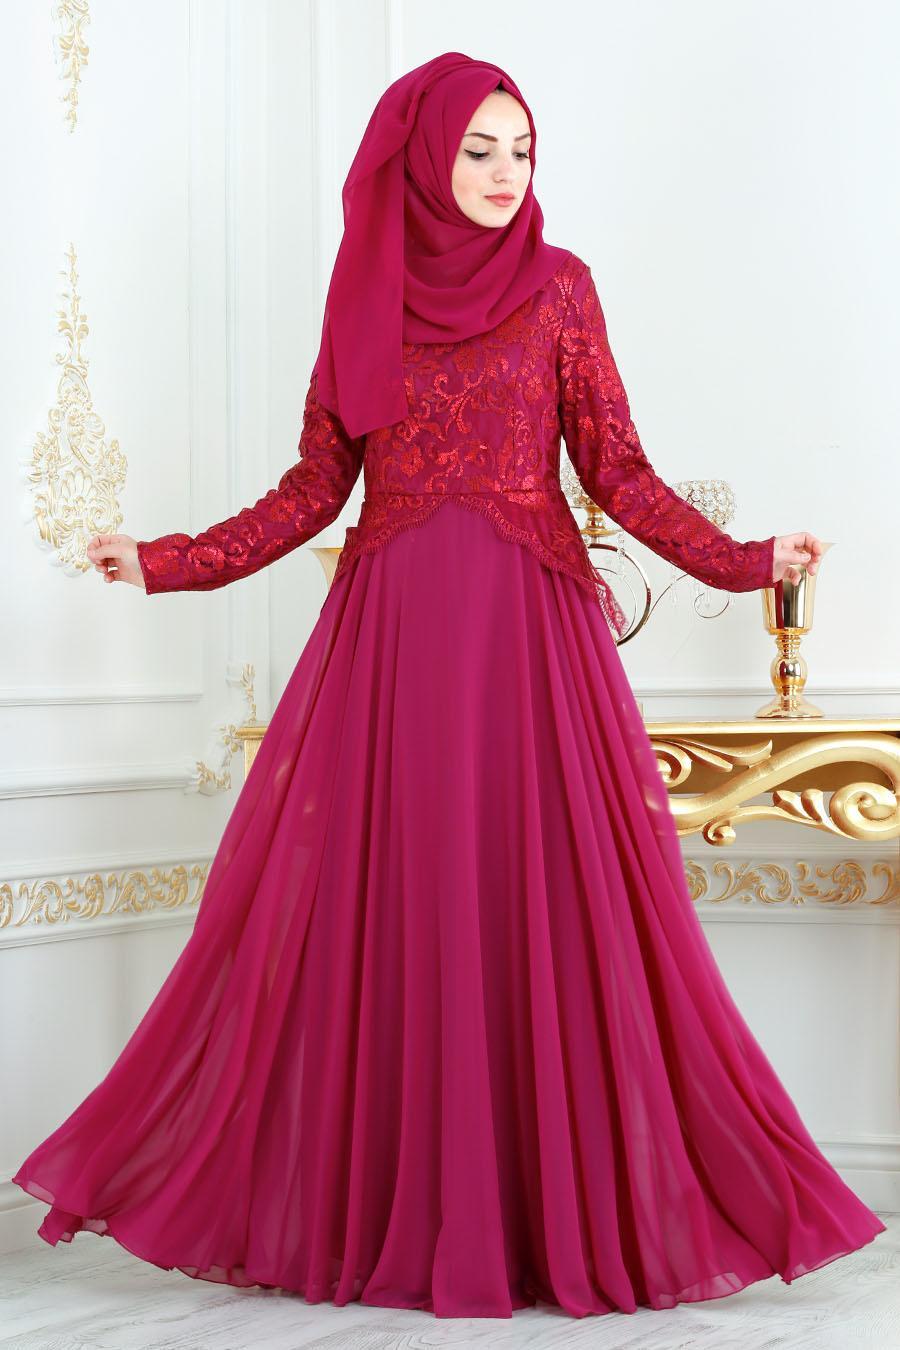 Tesettürlü Abiye Elbise - Üzeri Payetli Fuşya Tesettür Abiye Elbise 7603F